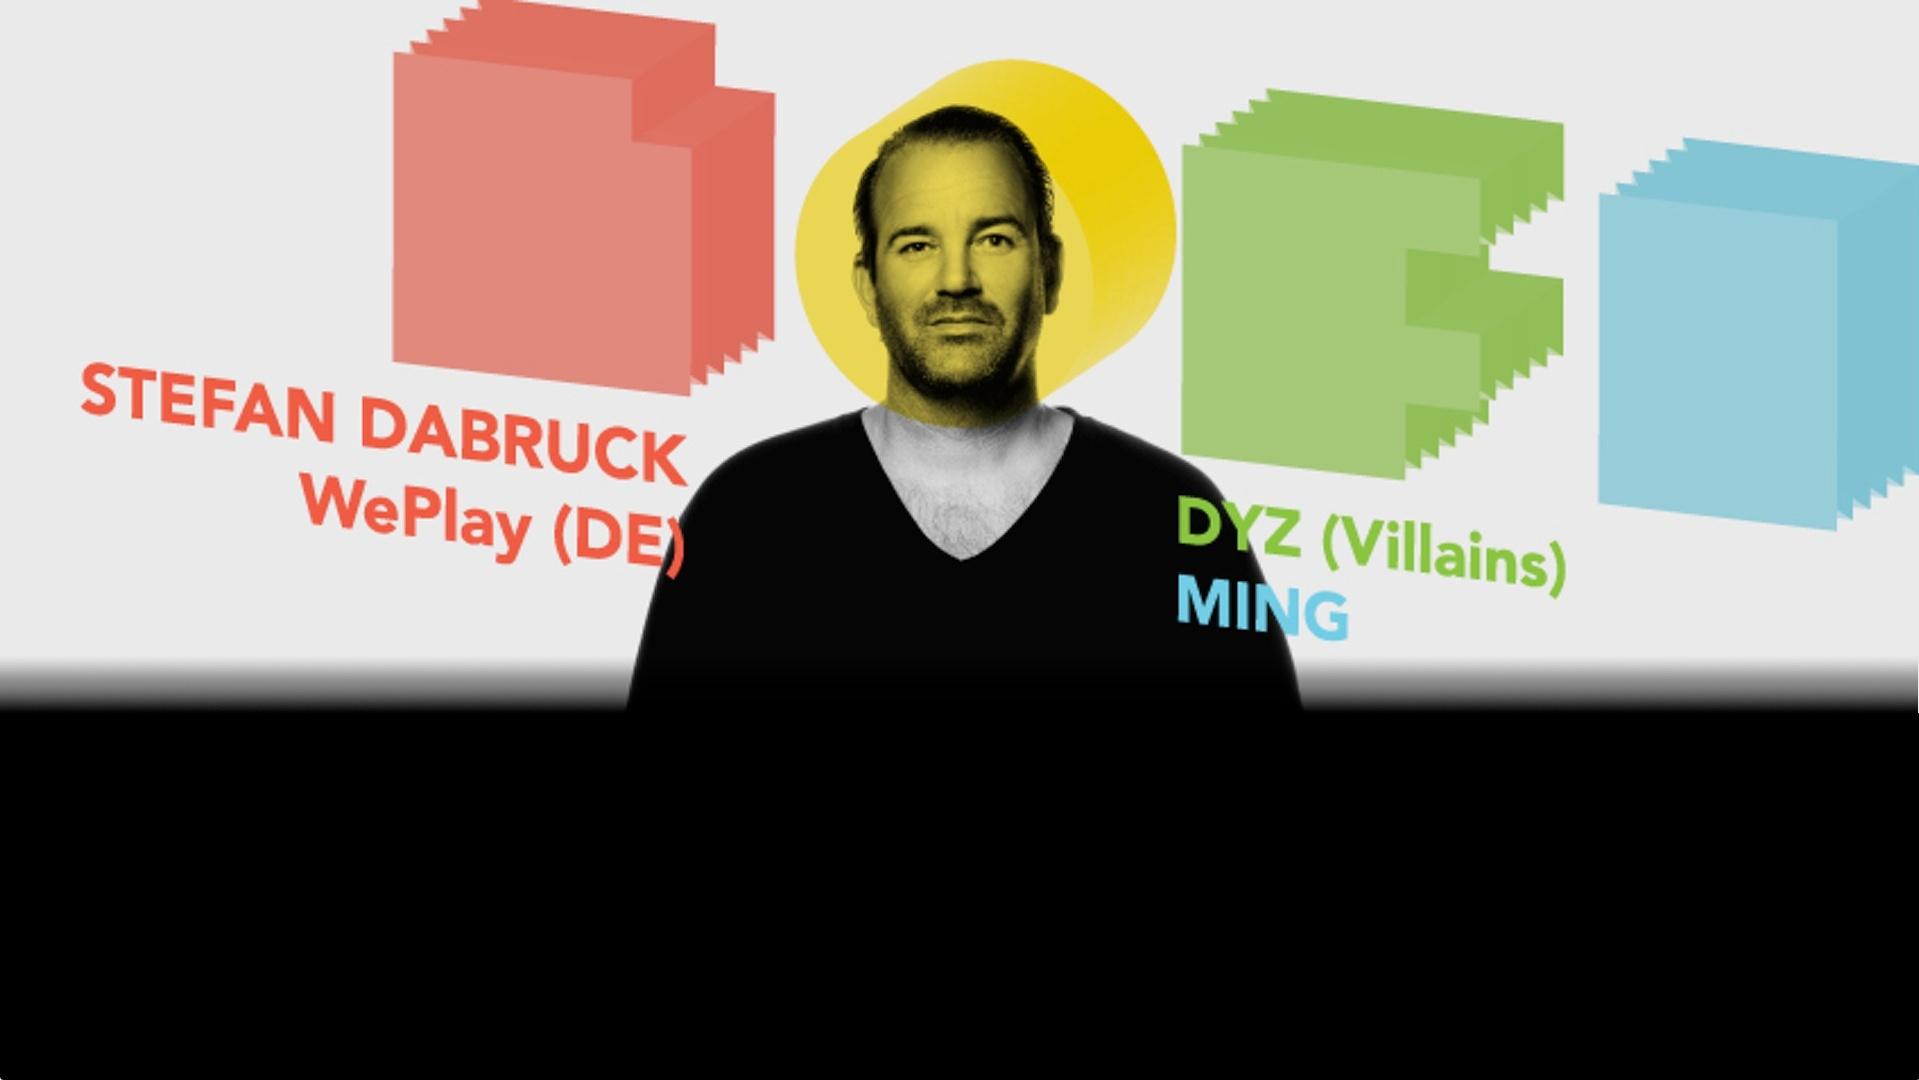 Lo-Fi ft. Stefan Dabruck